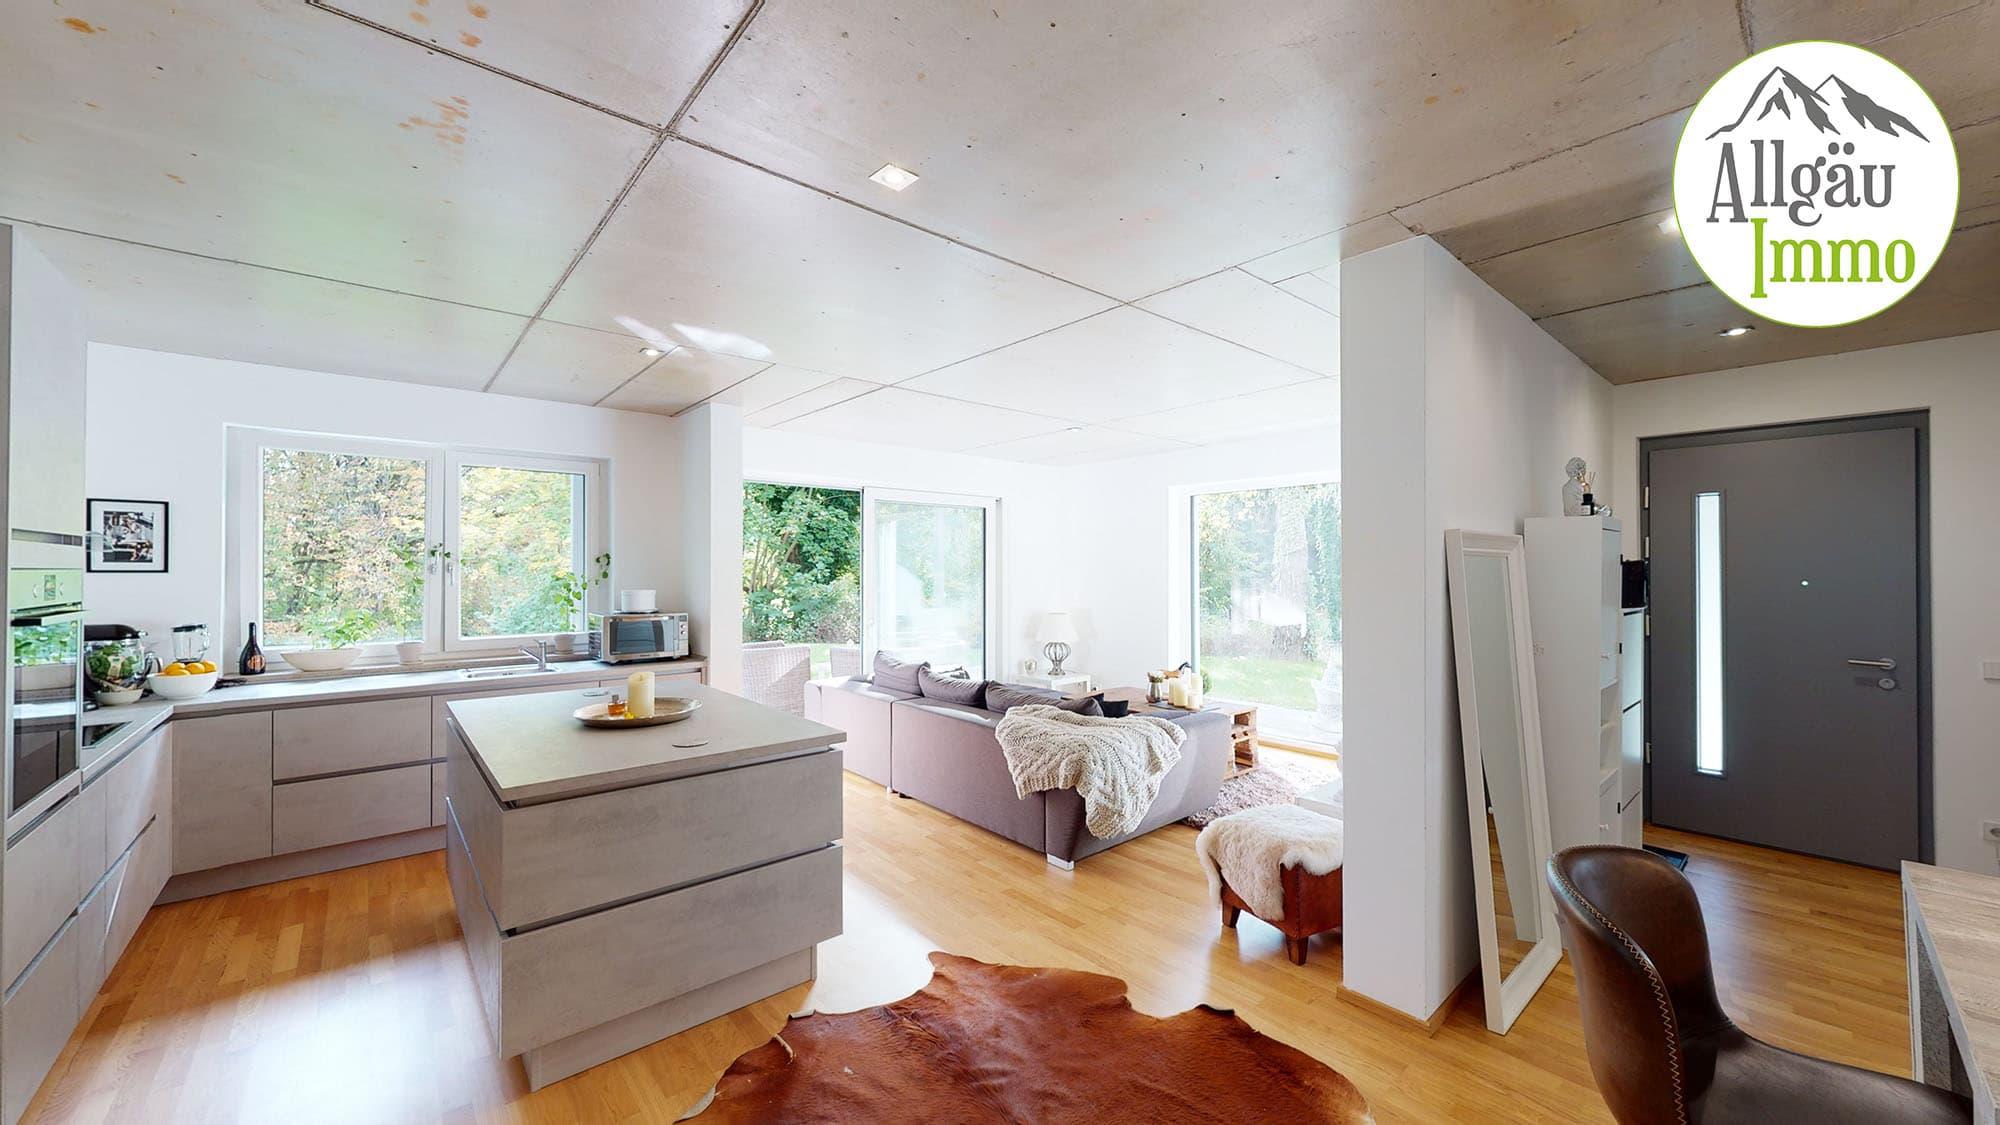 Wohnung-Madlener-Str-Memmingen-10122020_155939